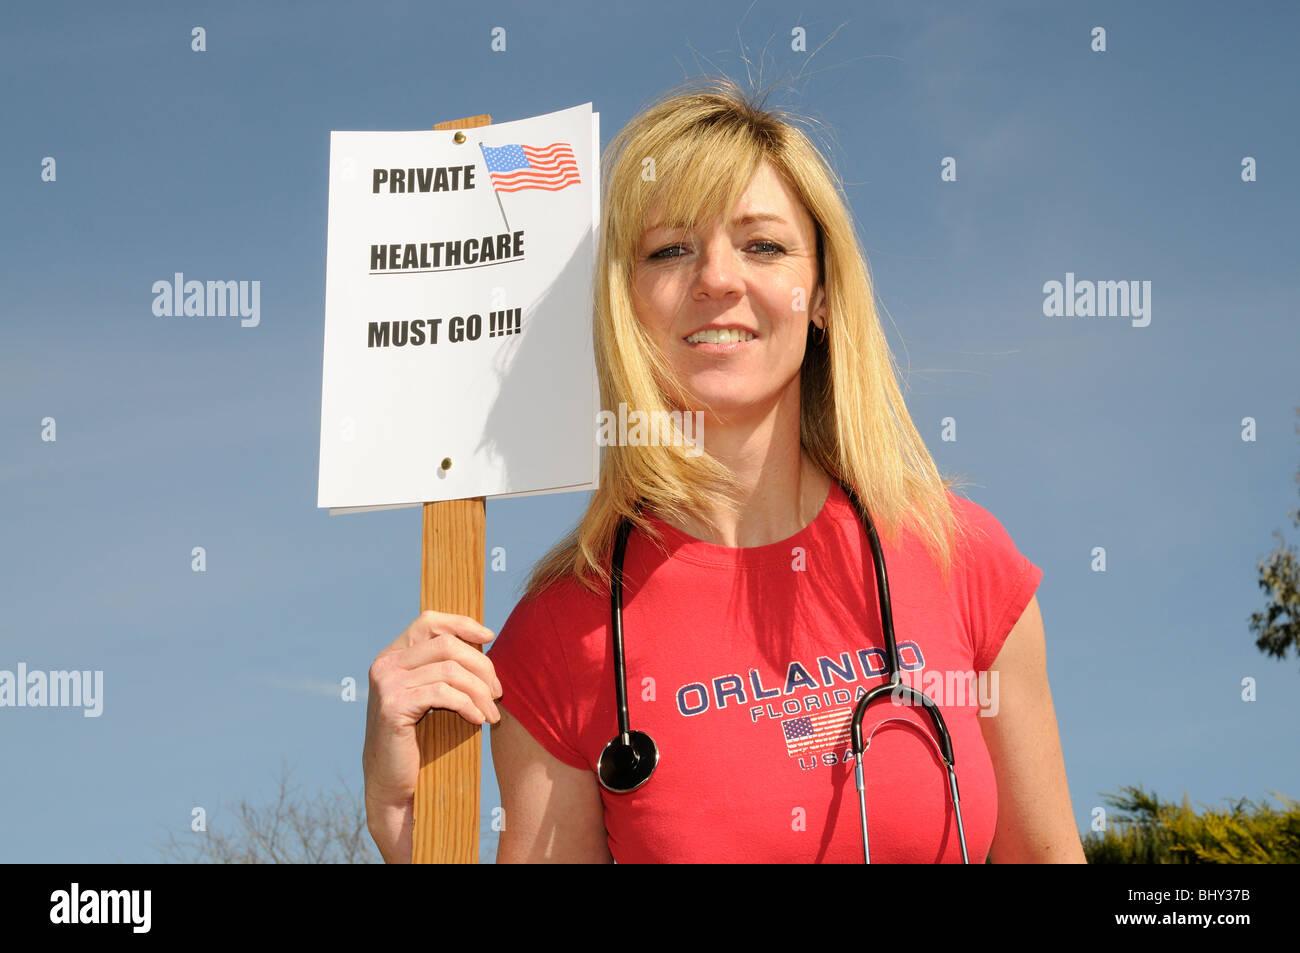 Private Gesundheitsvorsorge in den USA muss weibliche Demonstrant rotes Hemd trägt und hält ein Stethoskop Stockbild